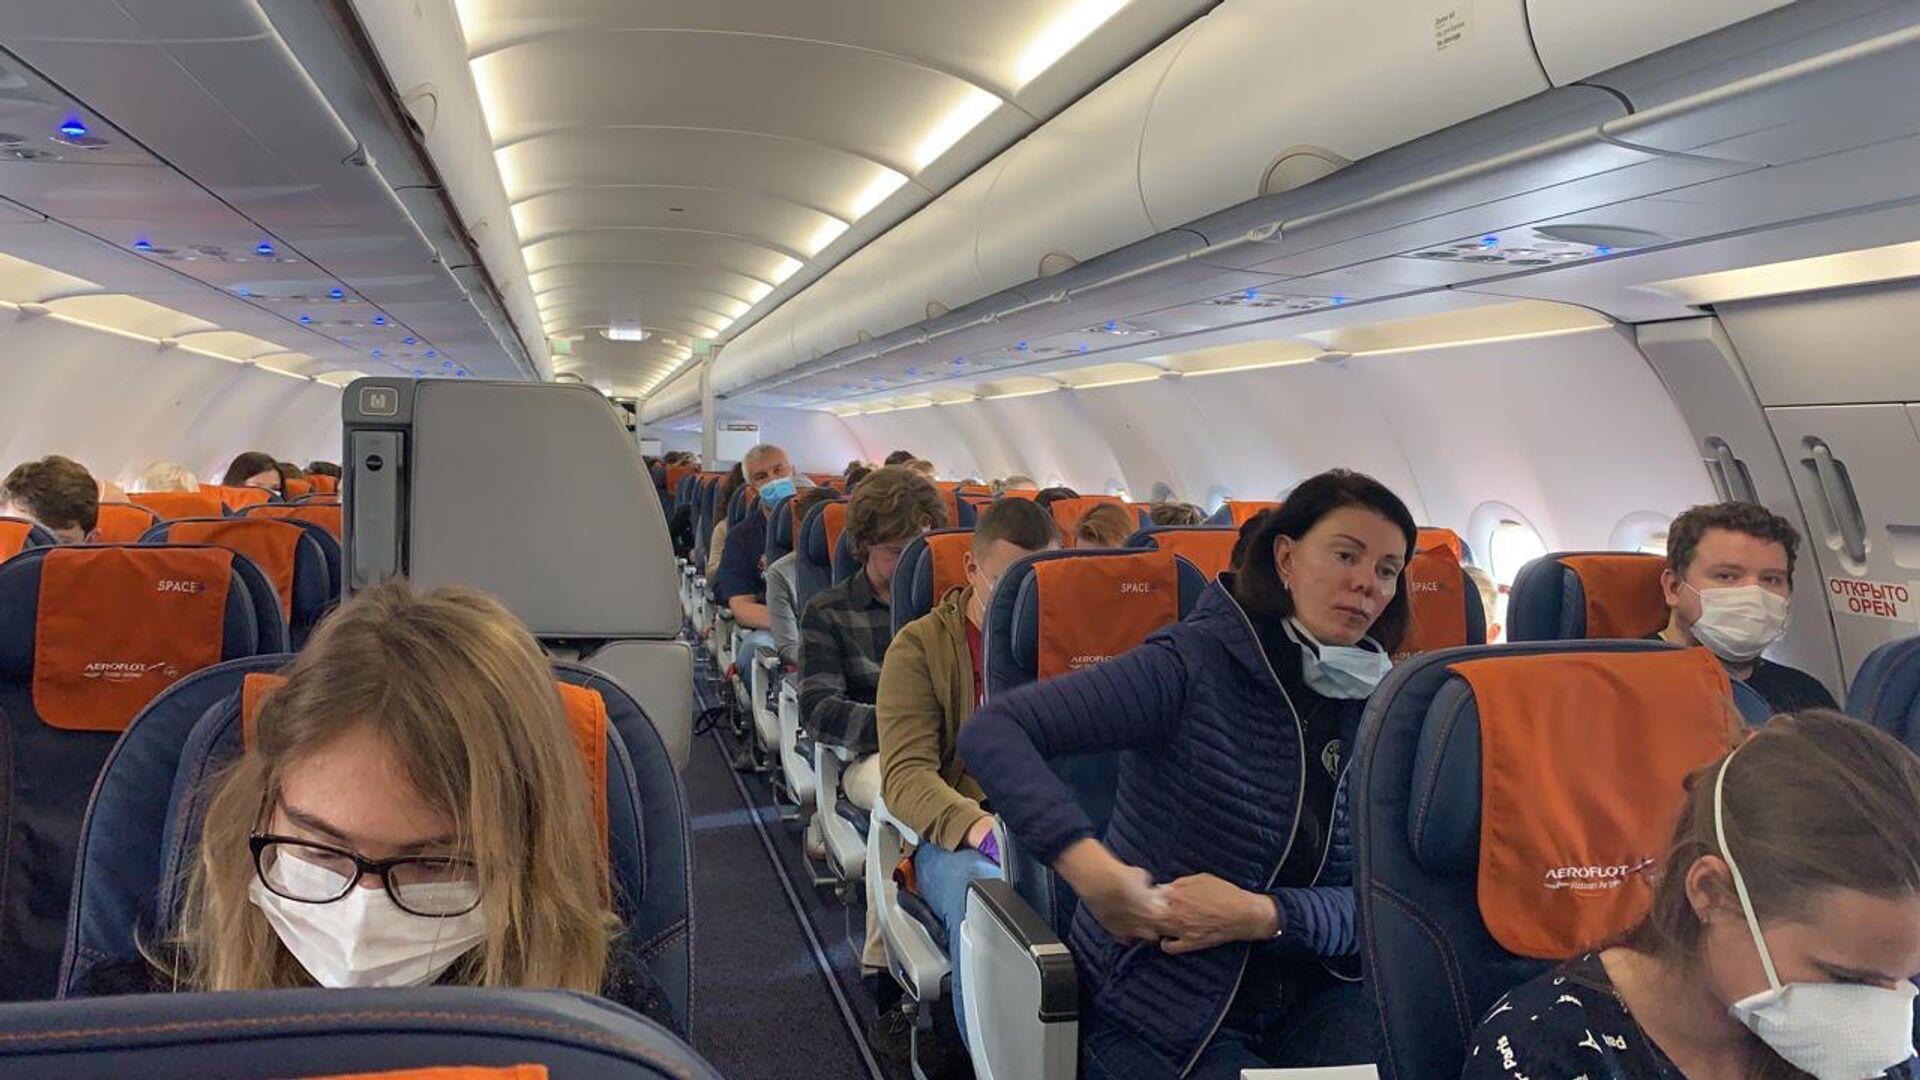 Пассажиры на борту рейса Аэрофлота - РИА Новости, 1920, 13.10.2020